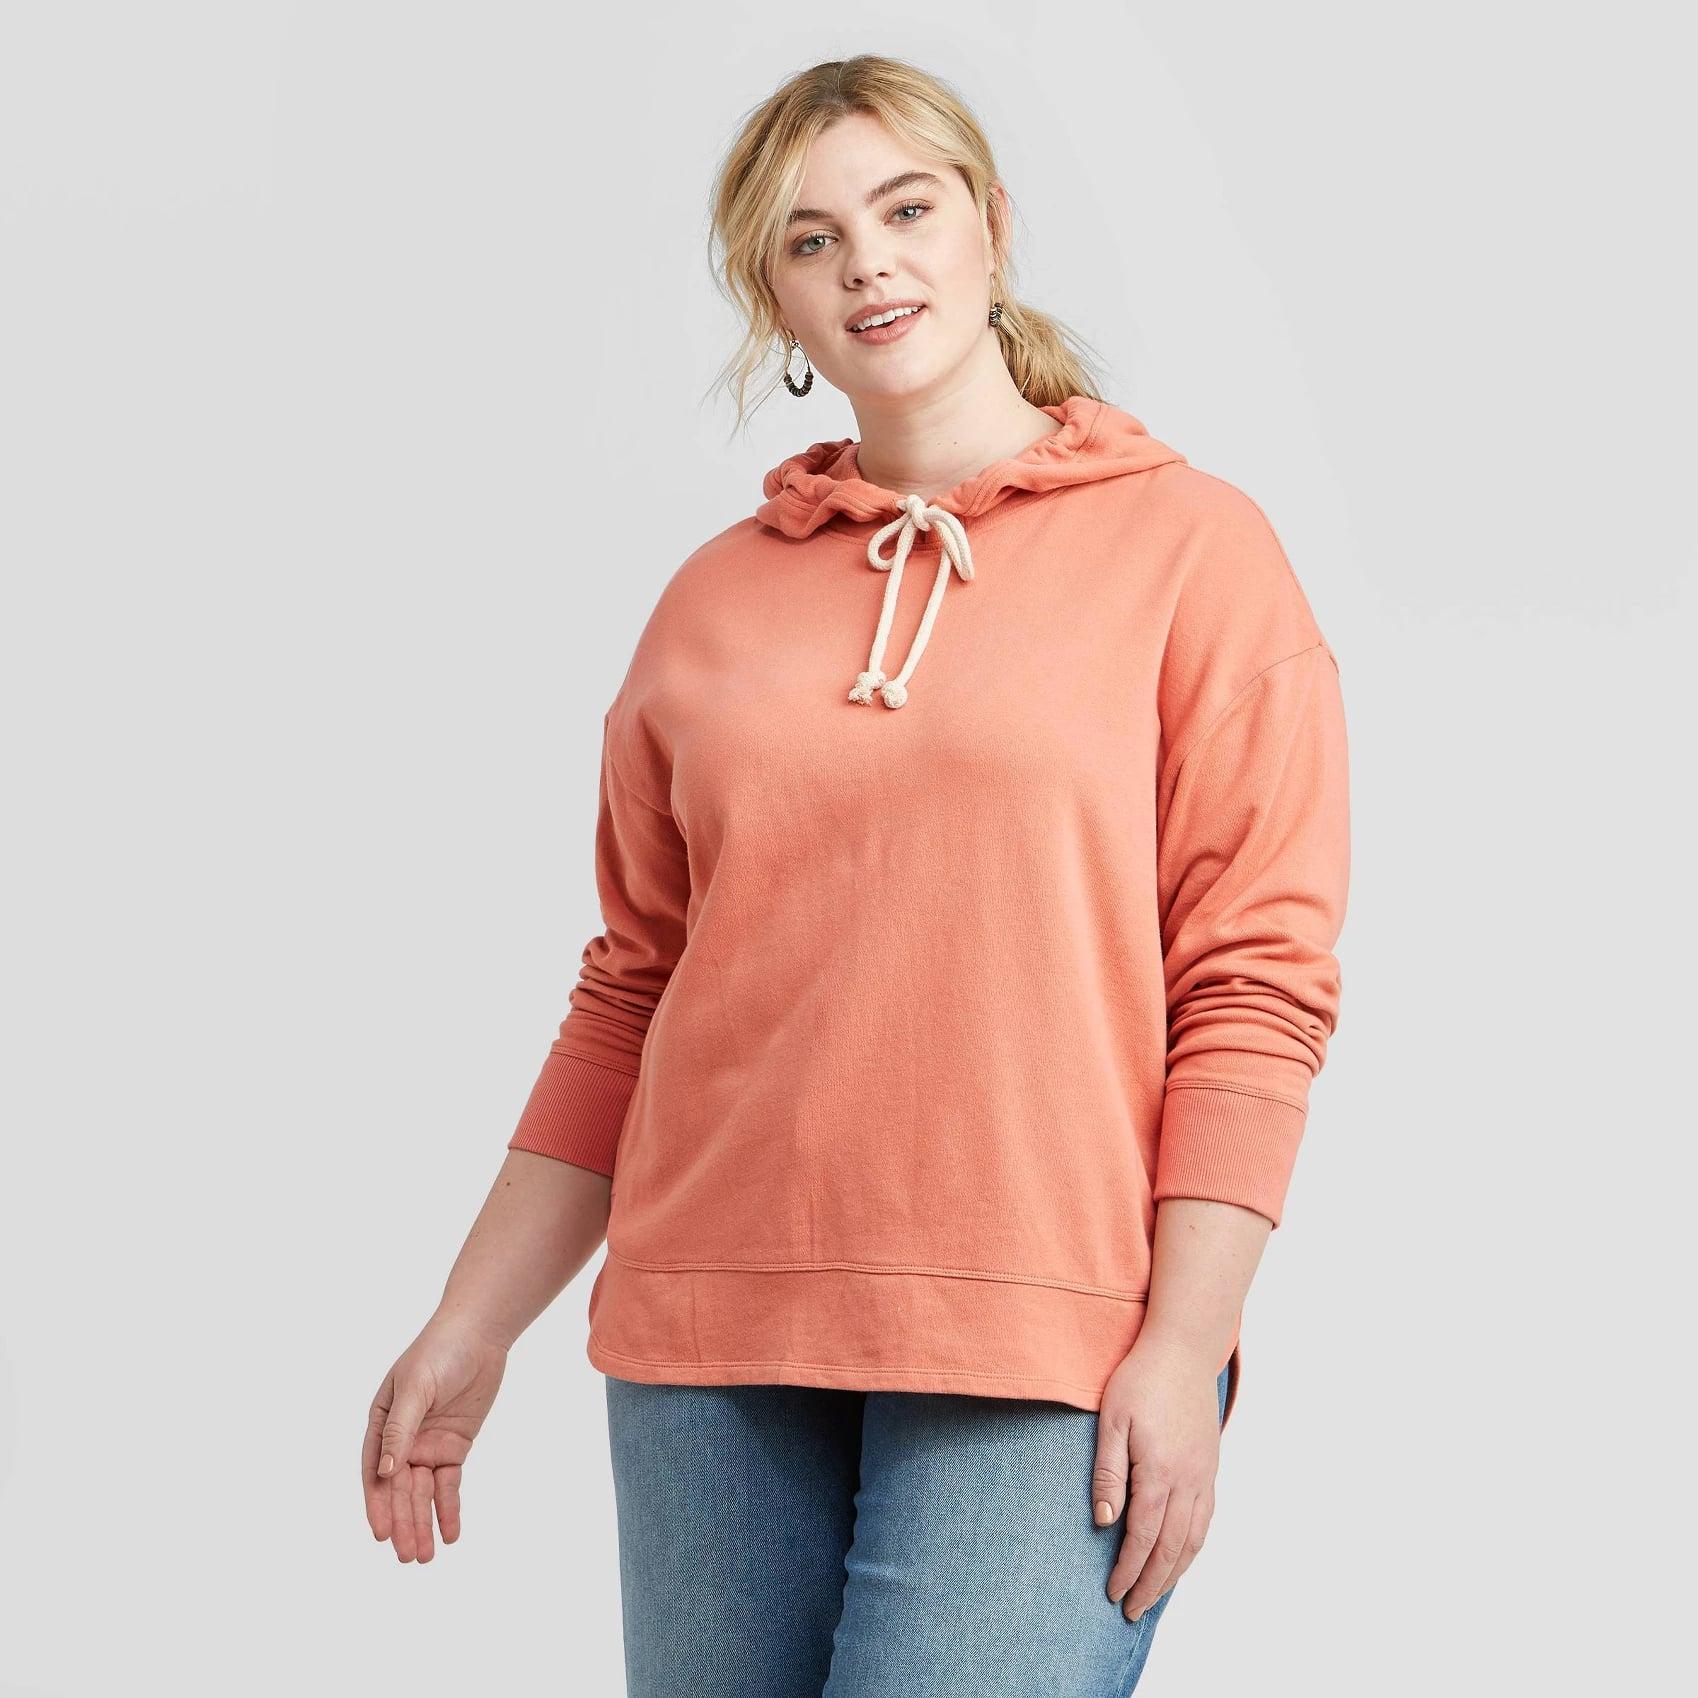 target comfy sweatshirt